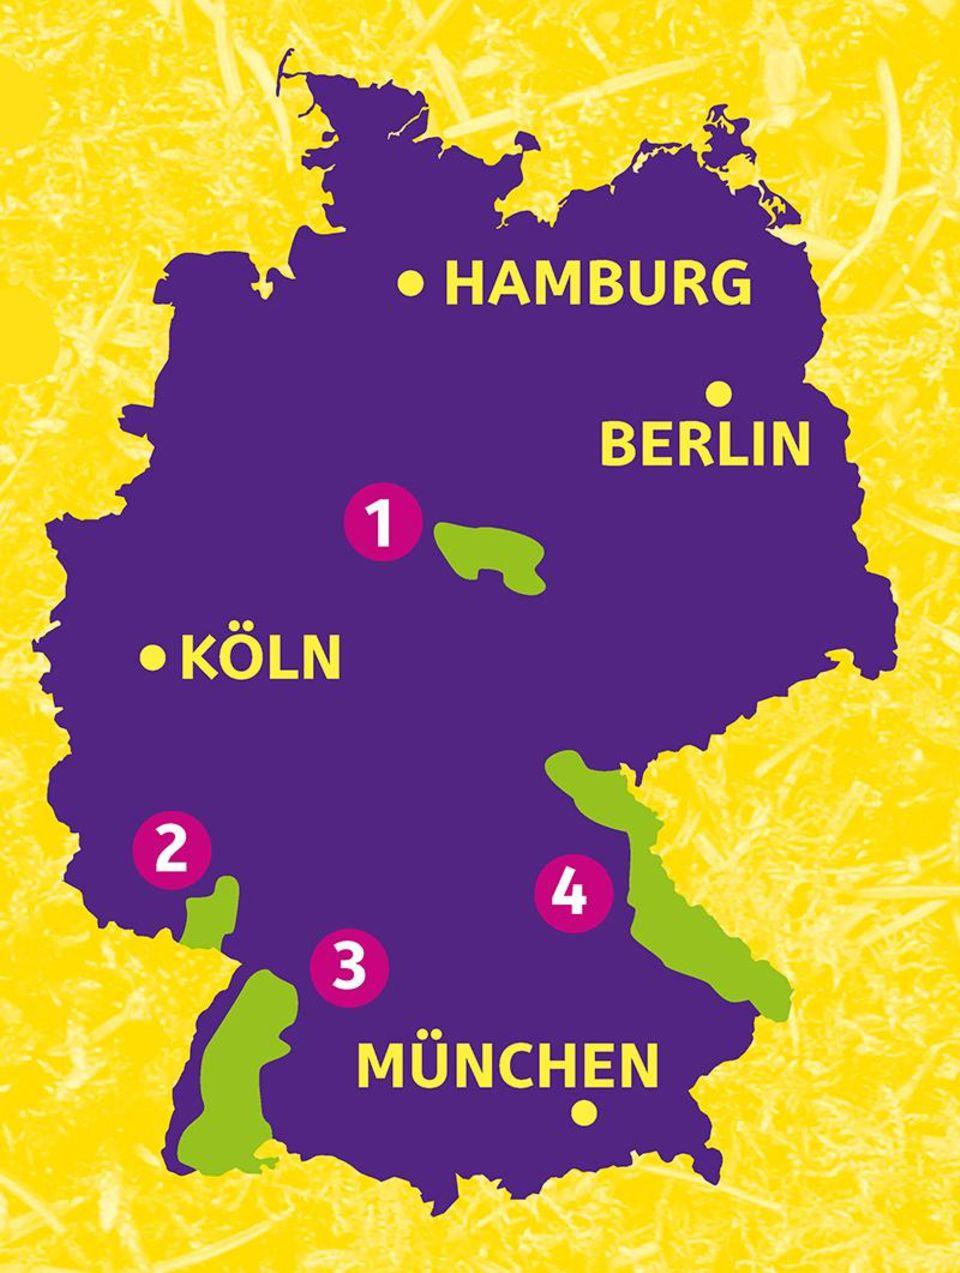 Verbreitungskarte der Luchse in Deutschland